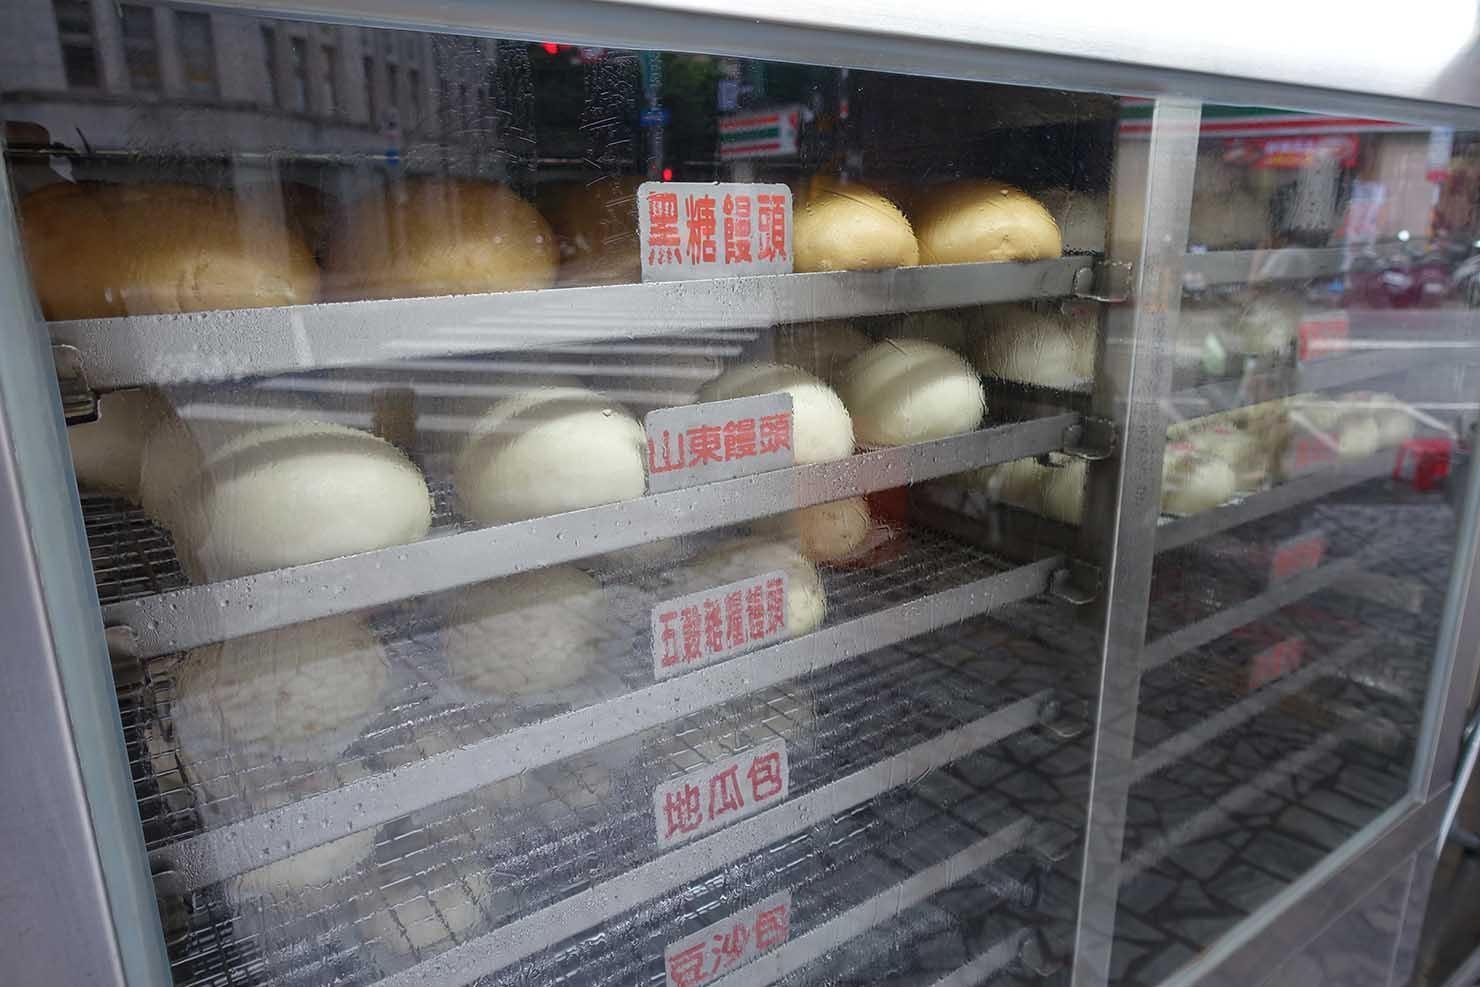 台北・西門町のおすすめ朝ごはん屋さん「大阿姨手工包子」の饅頭が並ぶ蒸し器